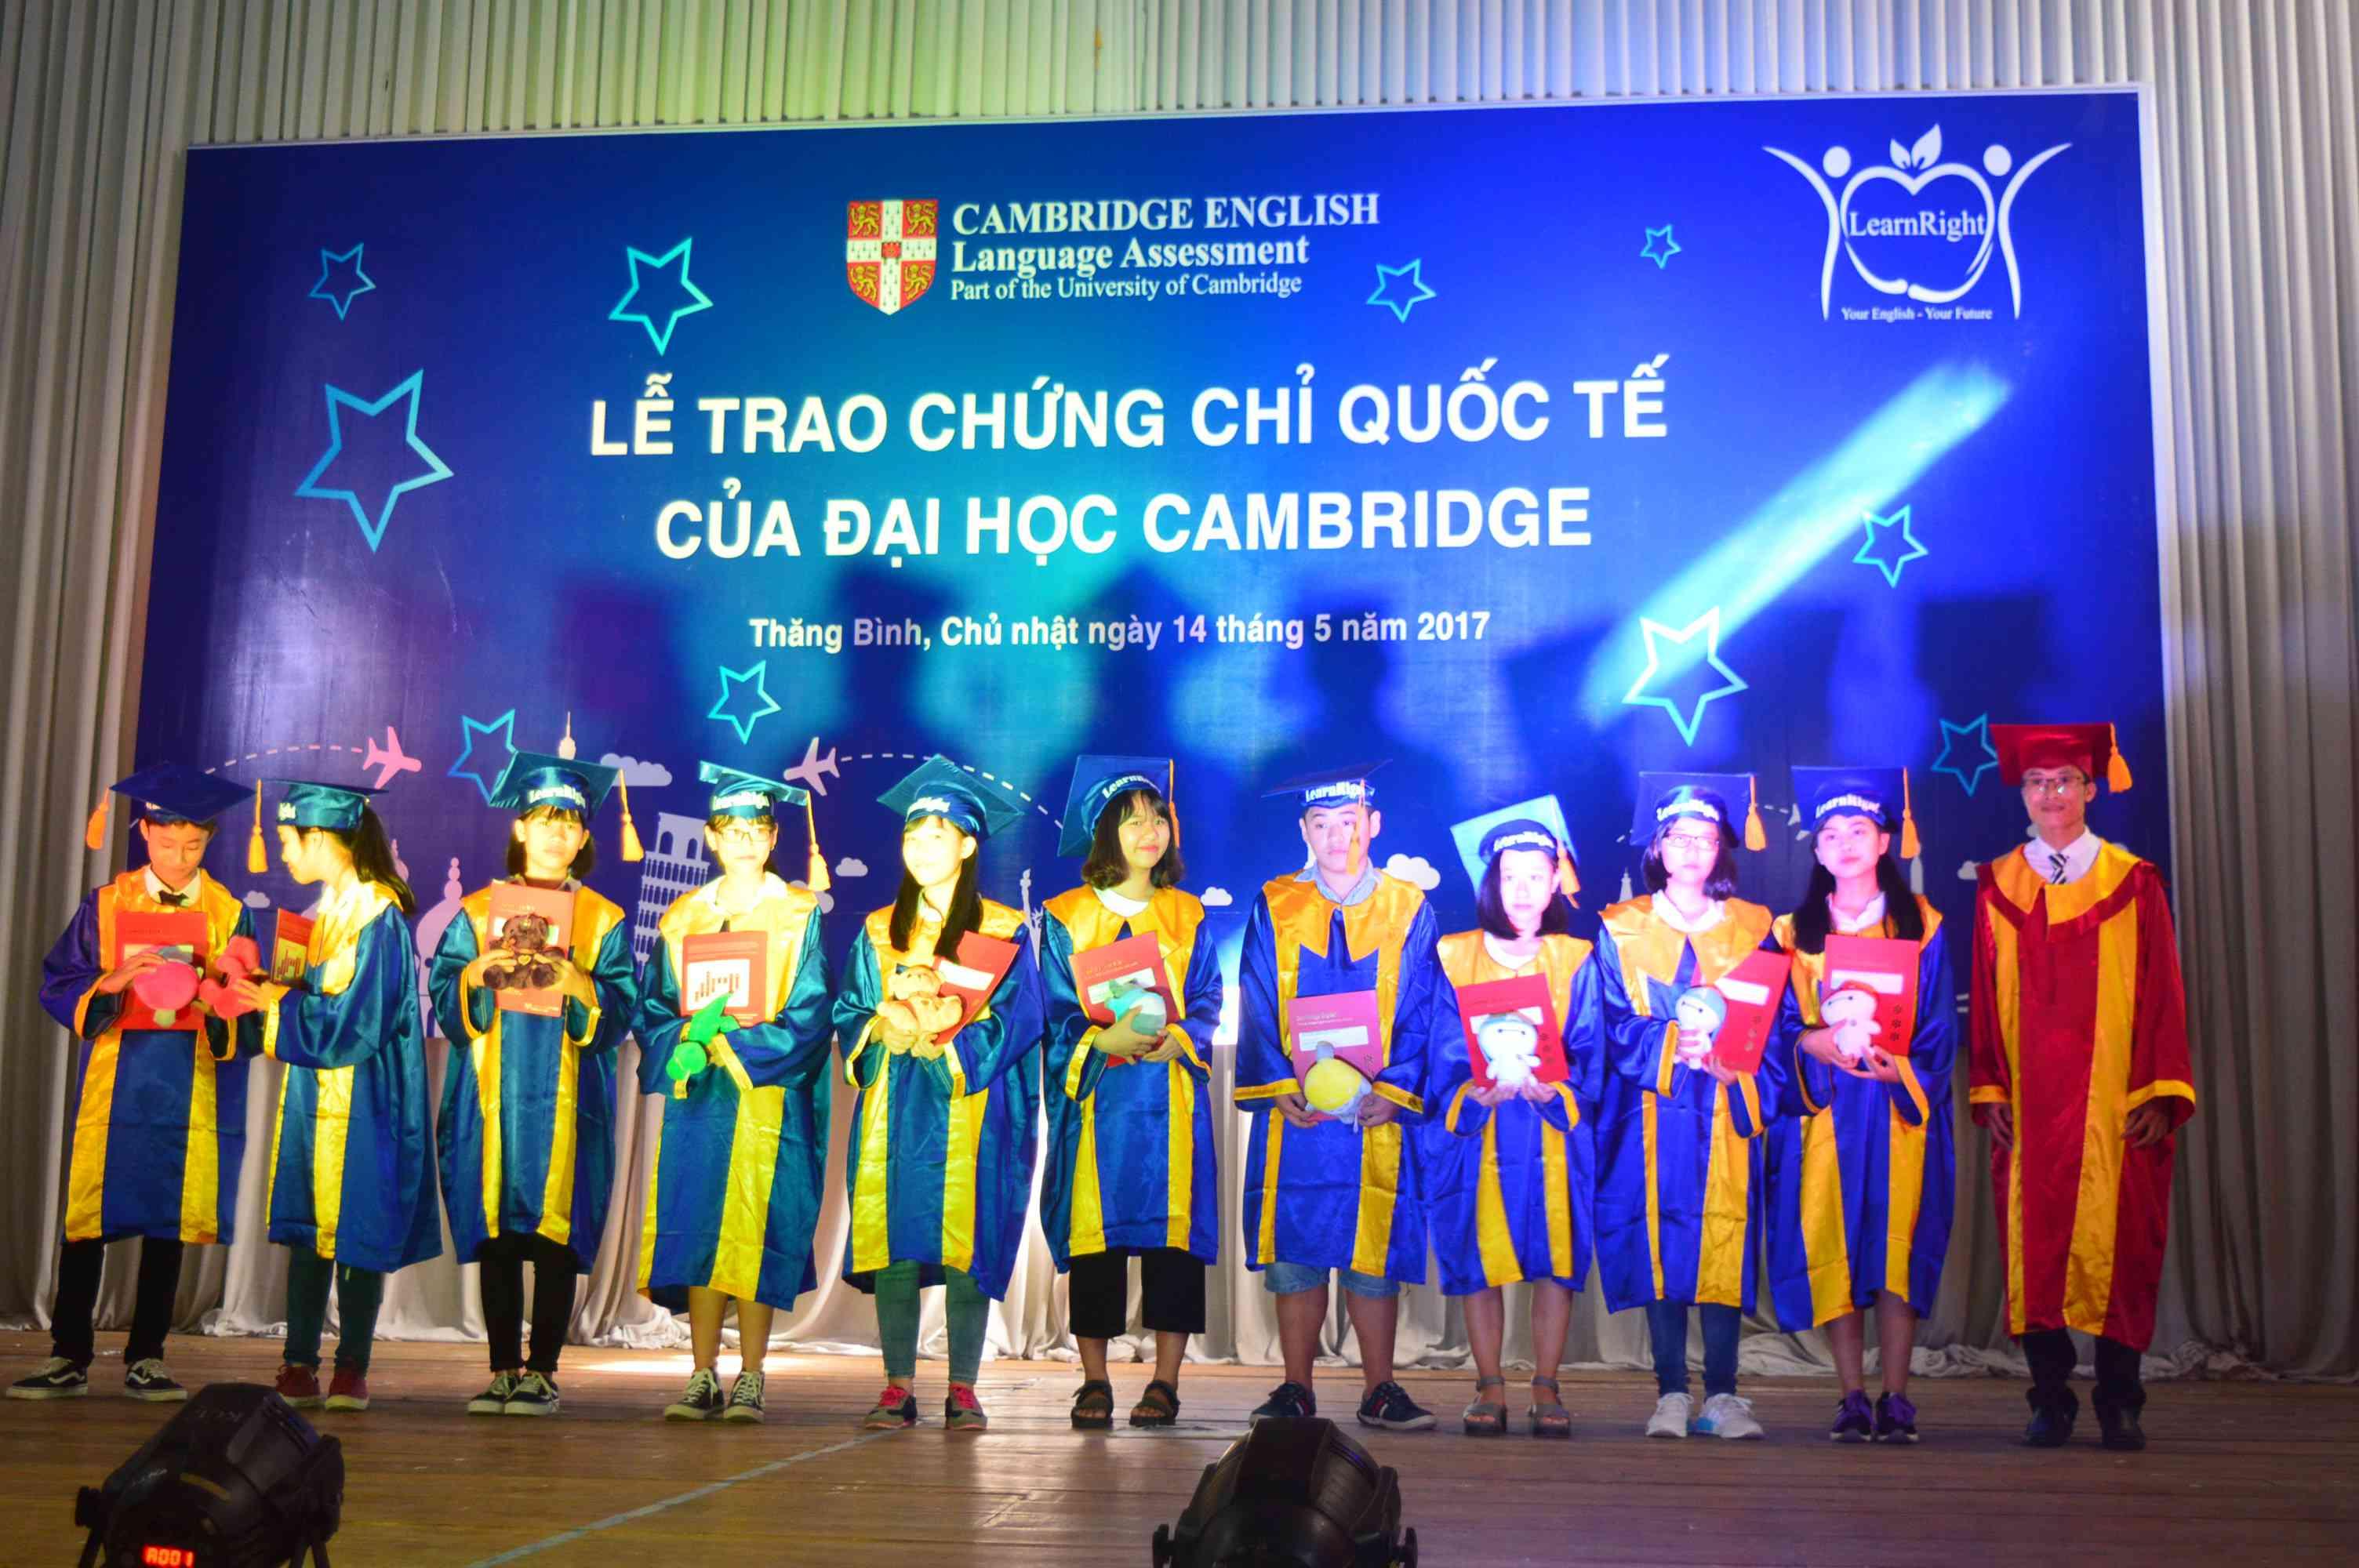 Trao chứng chỉ KET (chứng chỉ A2 quốc tế) cho 10 học viên vừa vượt qua kỳ thi tổ chức tại TP. Đà Nẵng vào tháng 3.2017. Ảnh: Q.T